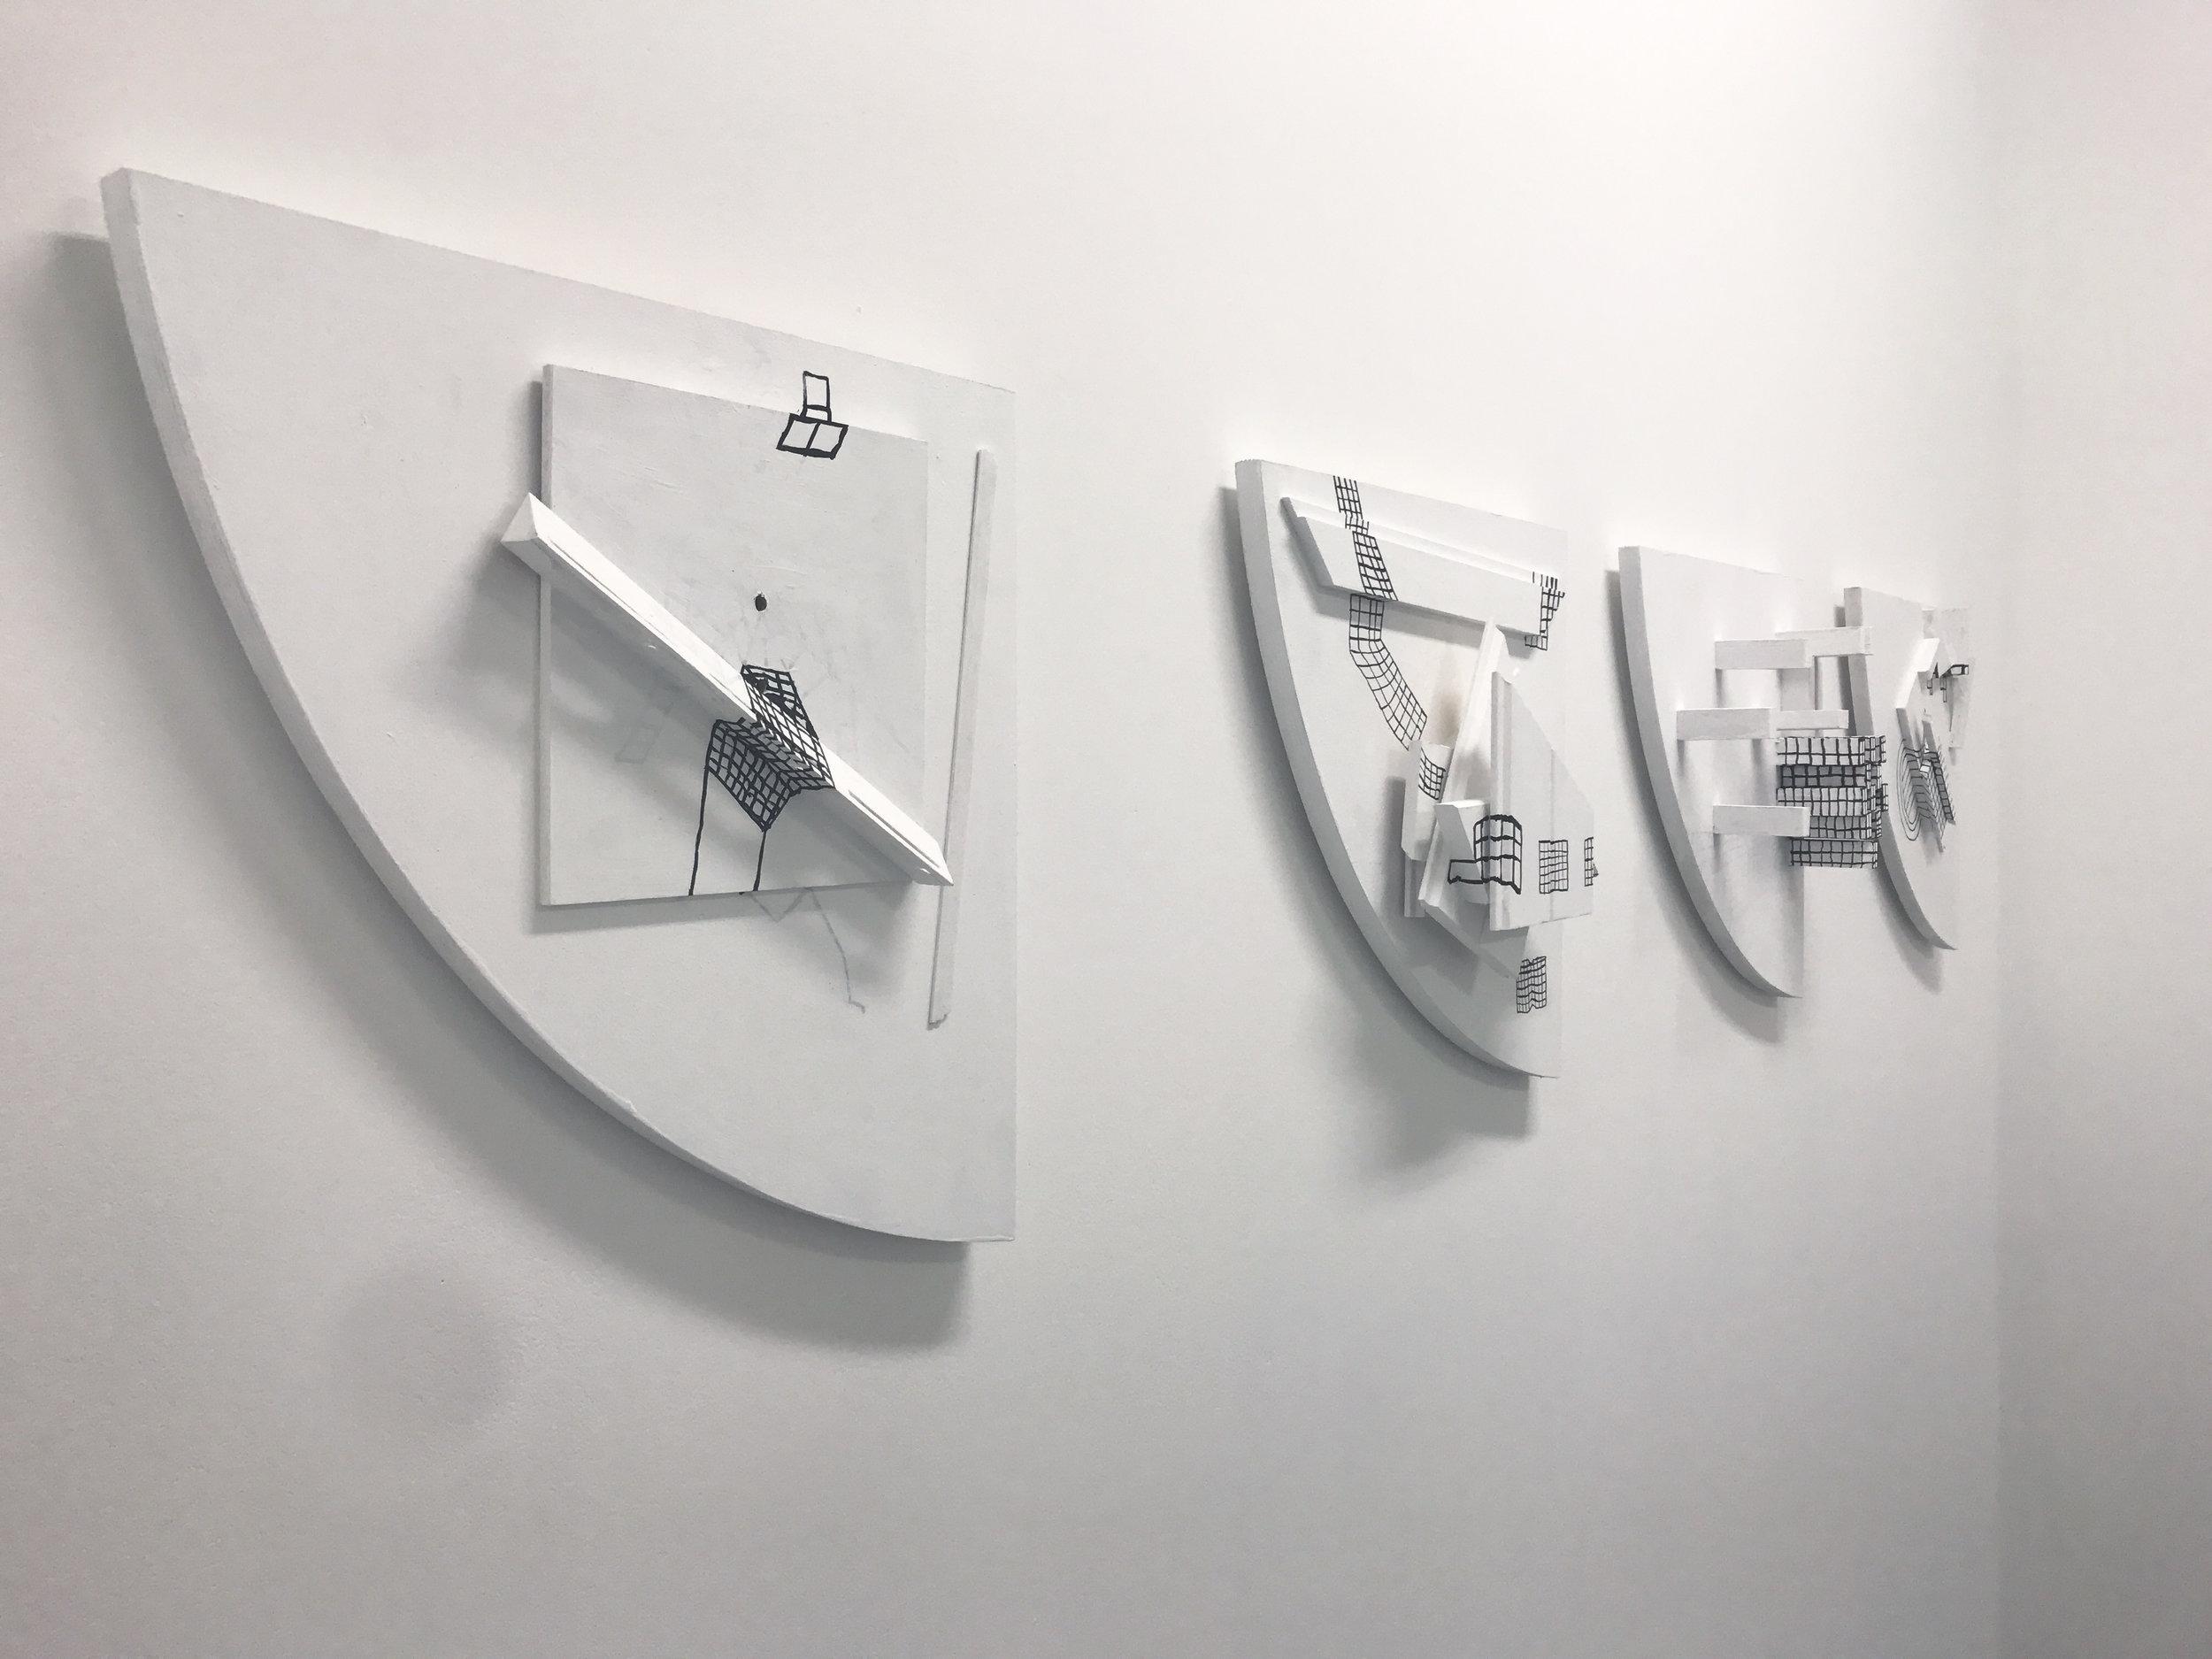 signalbox | installation view | 2017